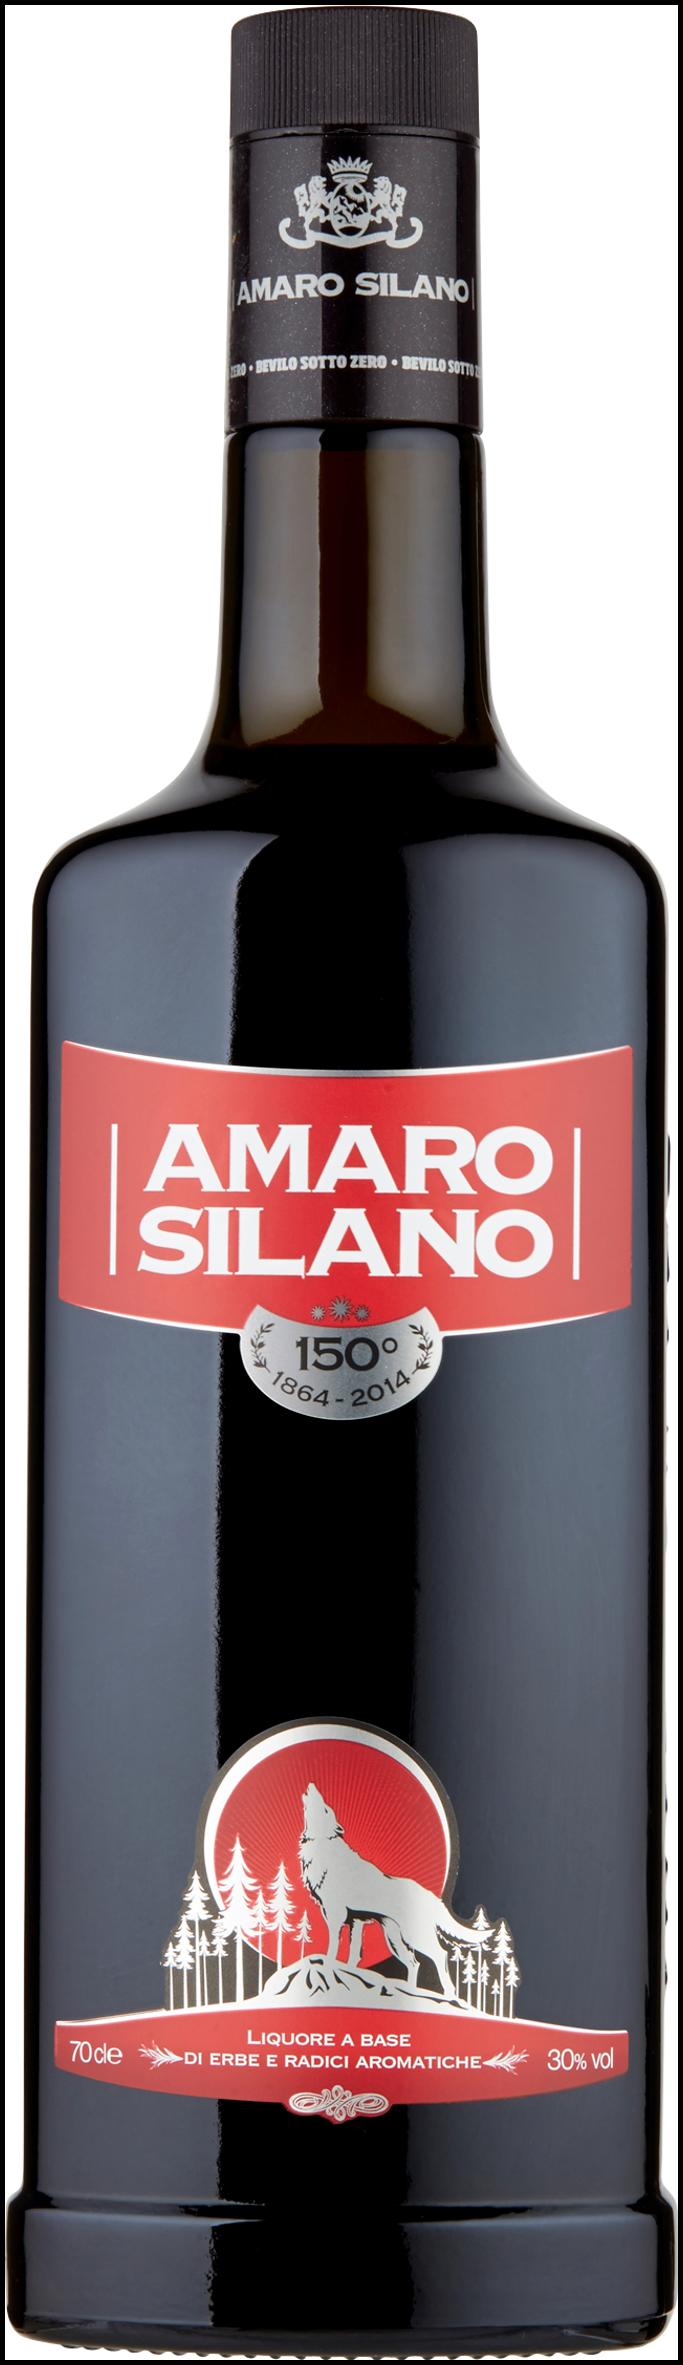 AMARO SILANO BOSCO LIQUORI CL.70